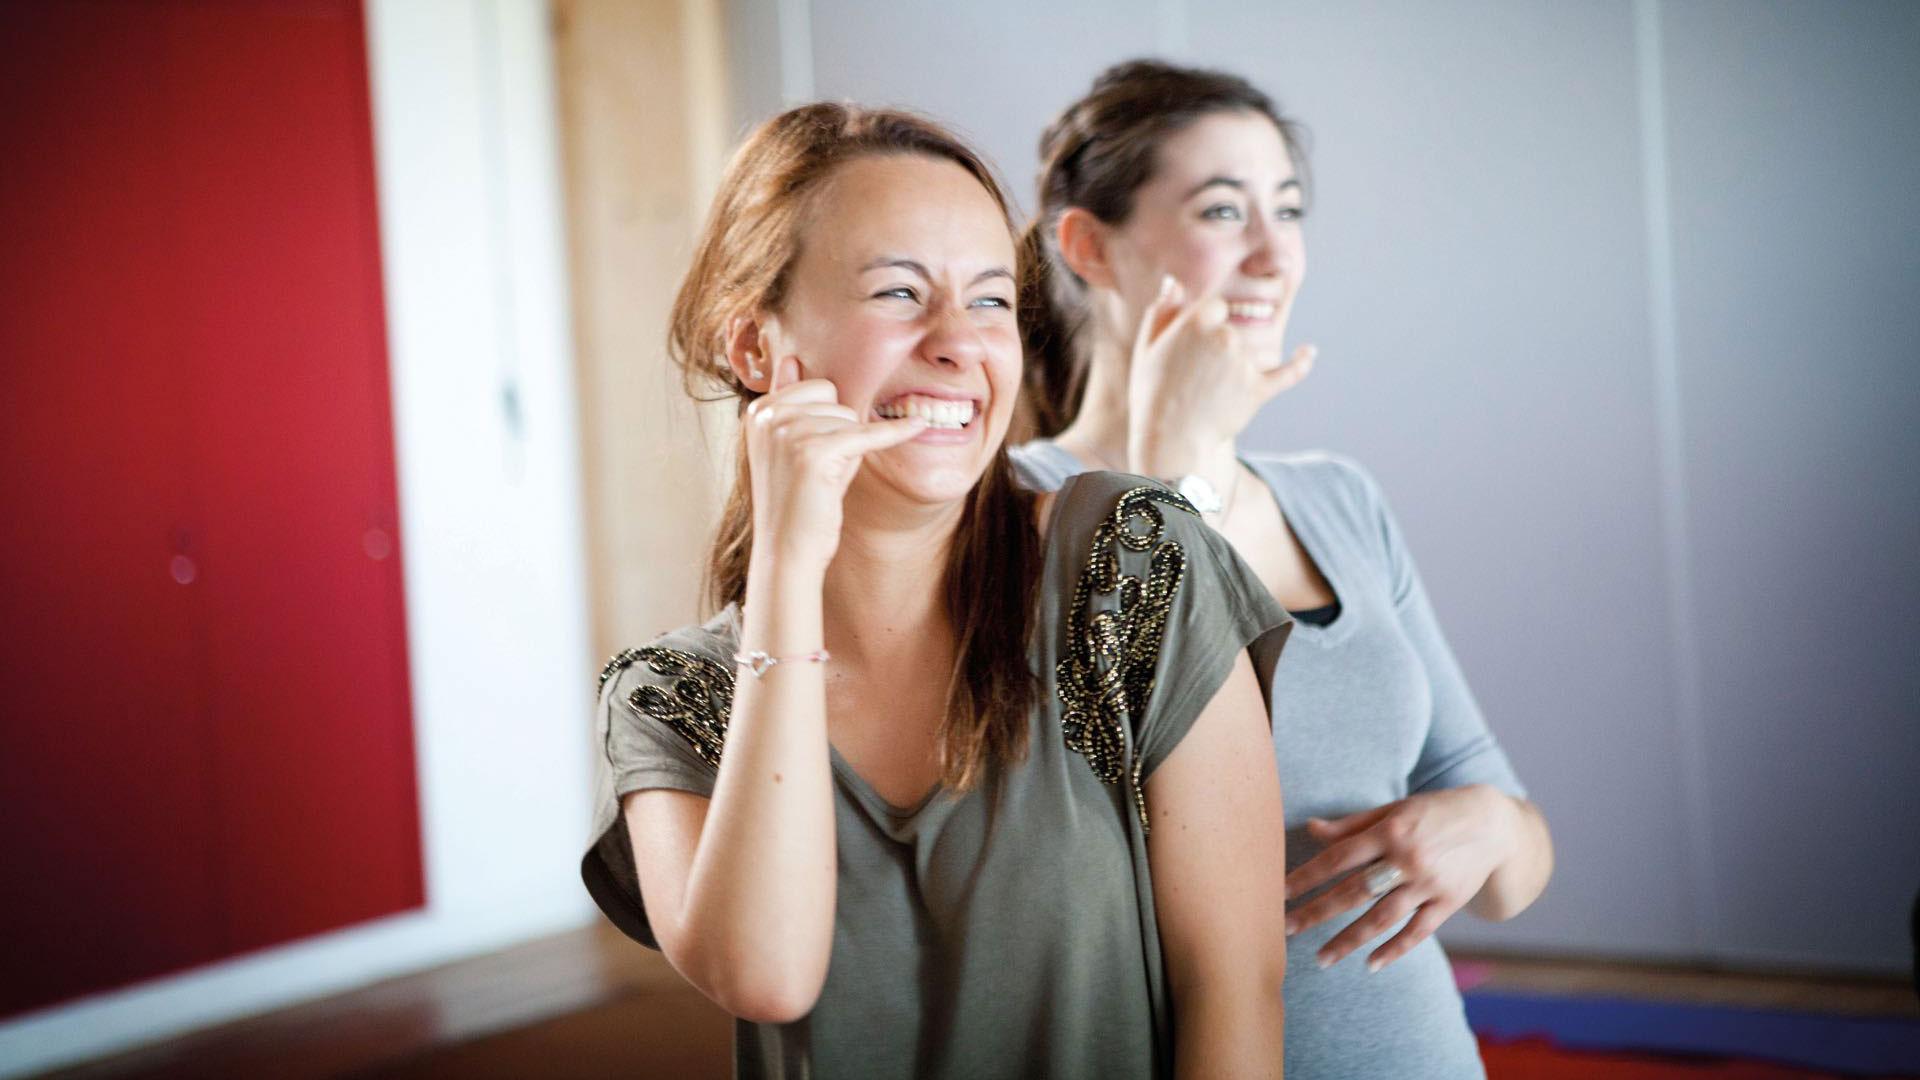 """""""Al reír suben losniveles de ciertashormonas, comola endorfina y laserotonina,y eso impacta enuna sensación debienestar"""".Marietta Albornoz,piscóloga y fundadoradel Club Risotadas."""